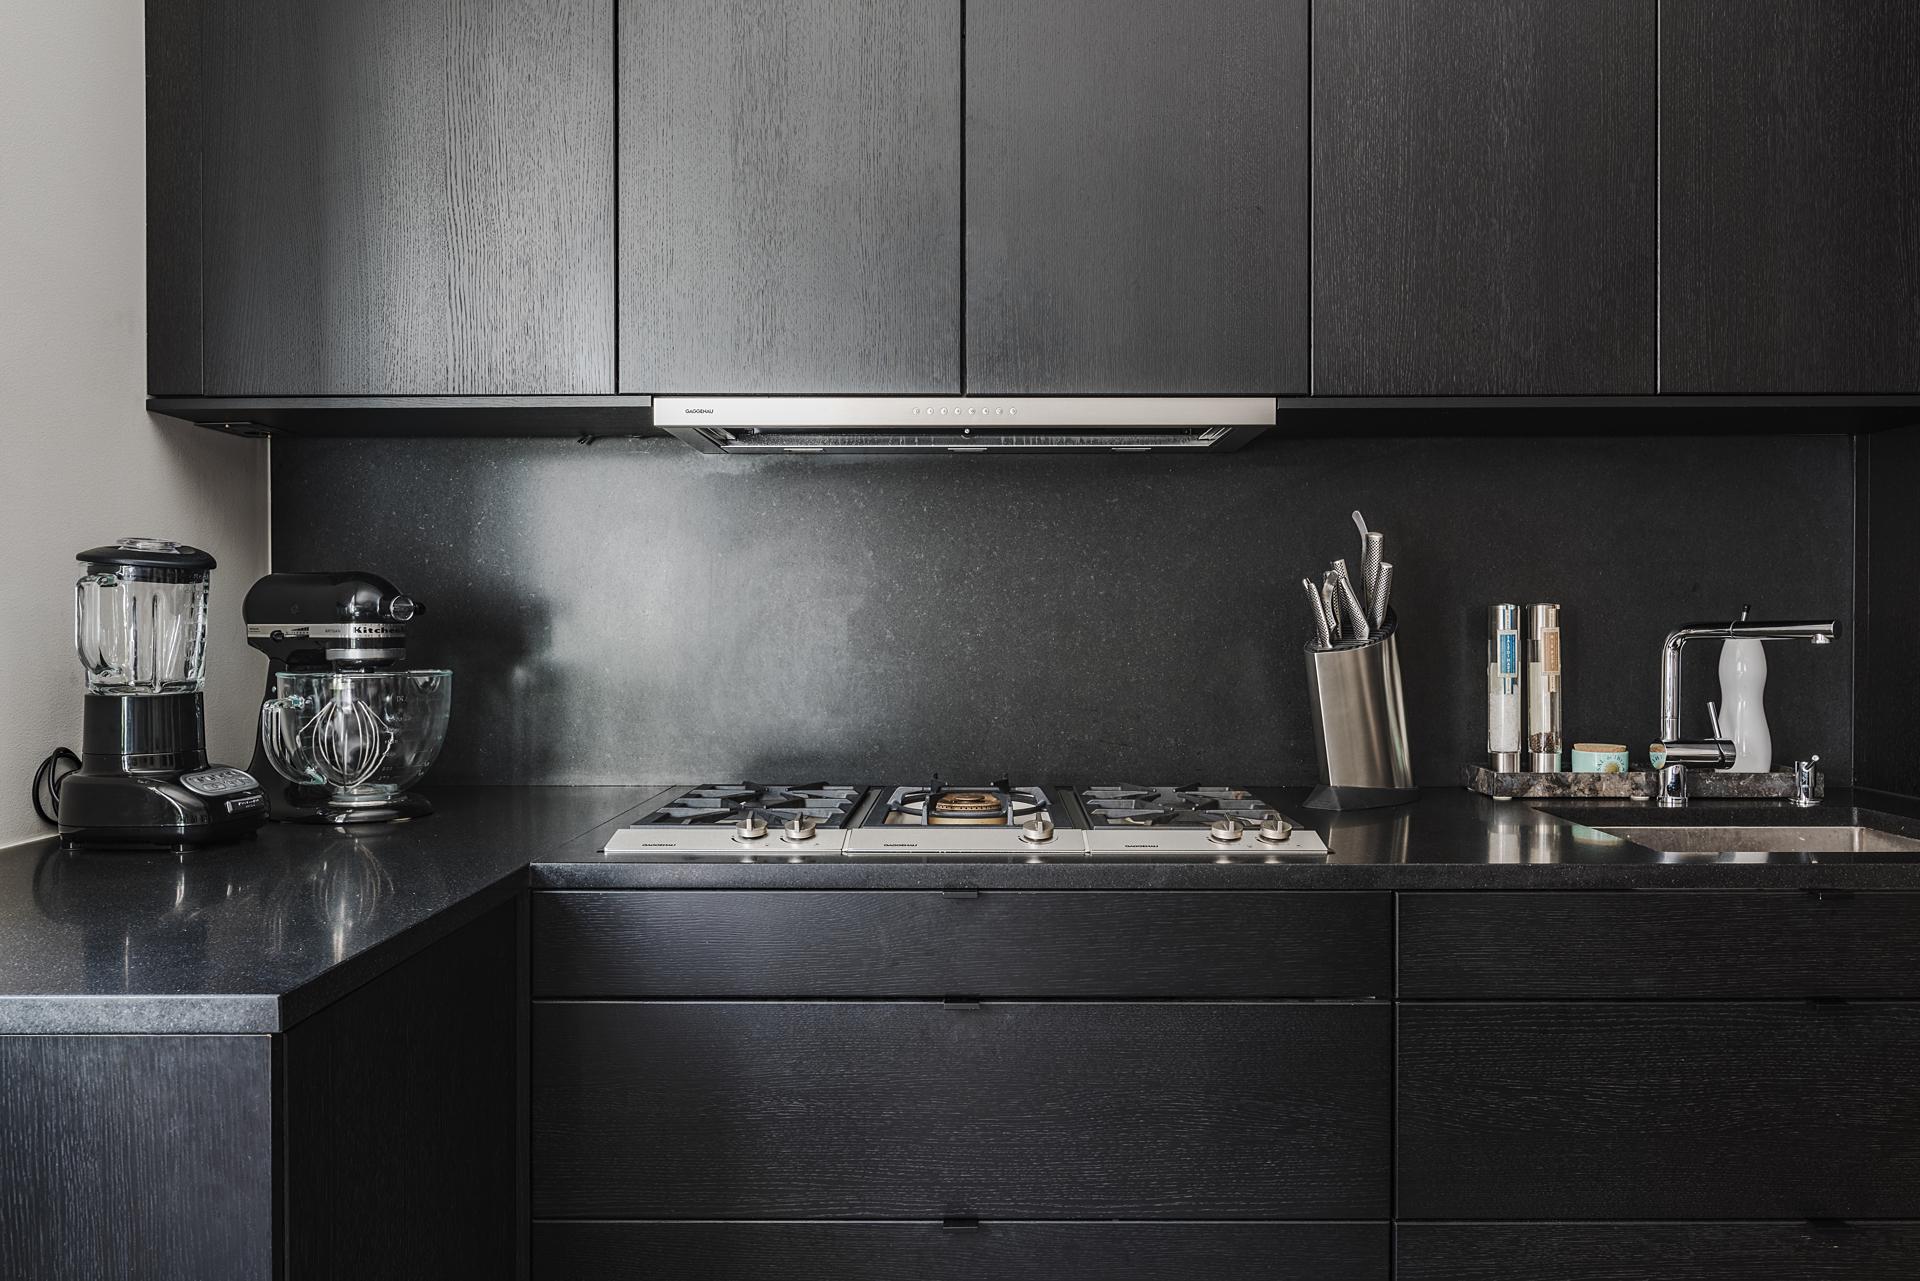 кухня темная мебель столешница плита встроенная вытяжка кухонная техника